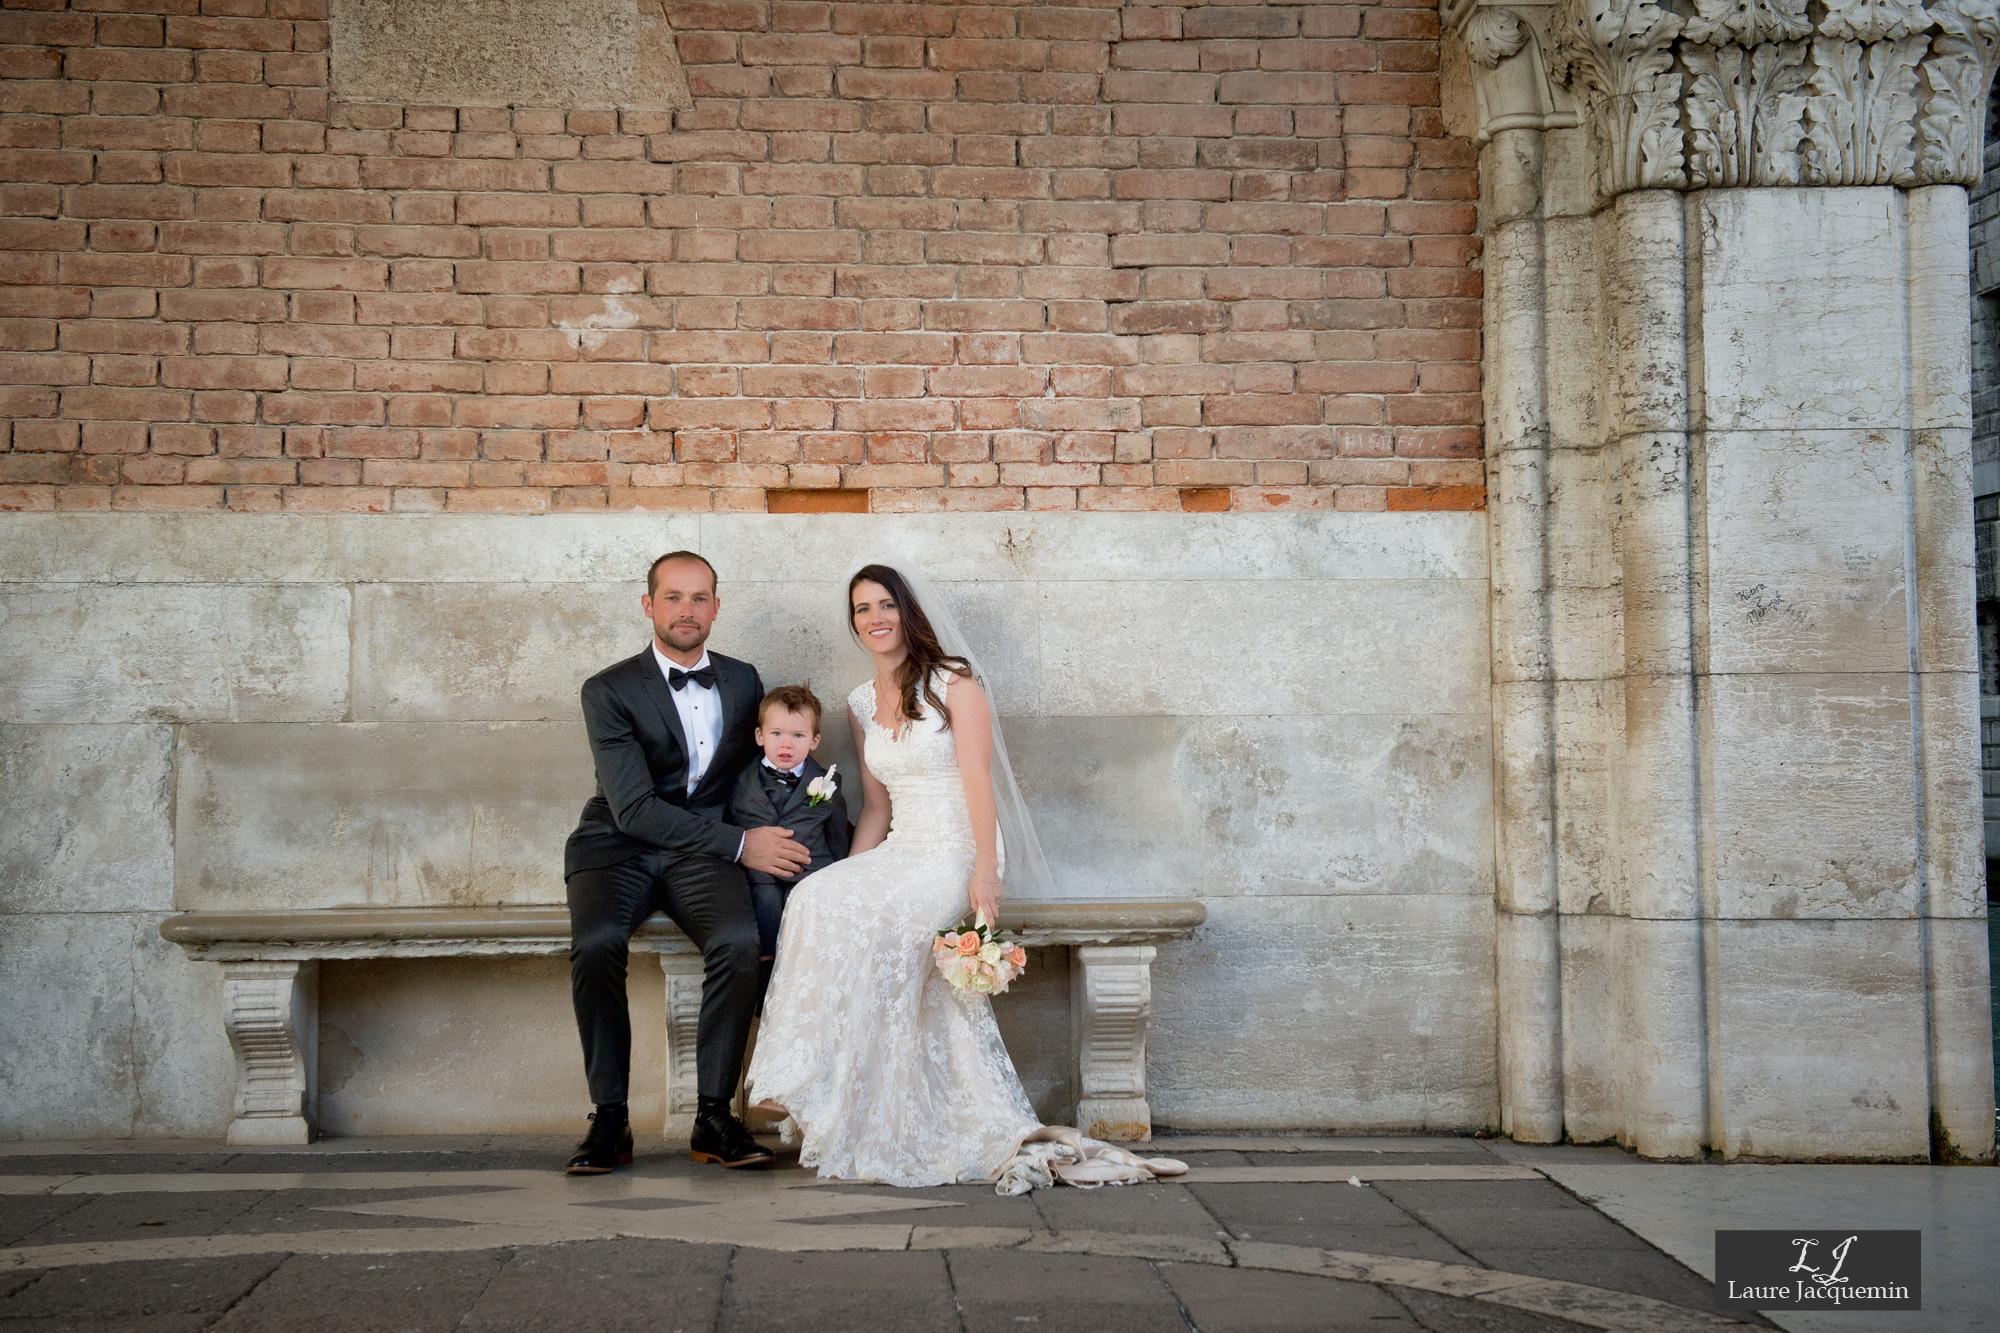 photographe mariage laure jacquemin palazzo cavalli service photographique (94)